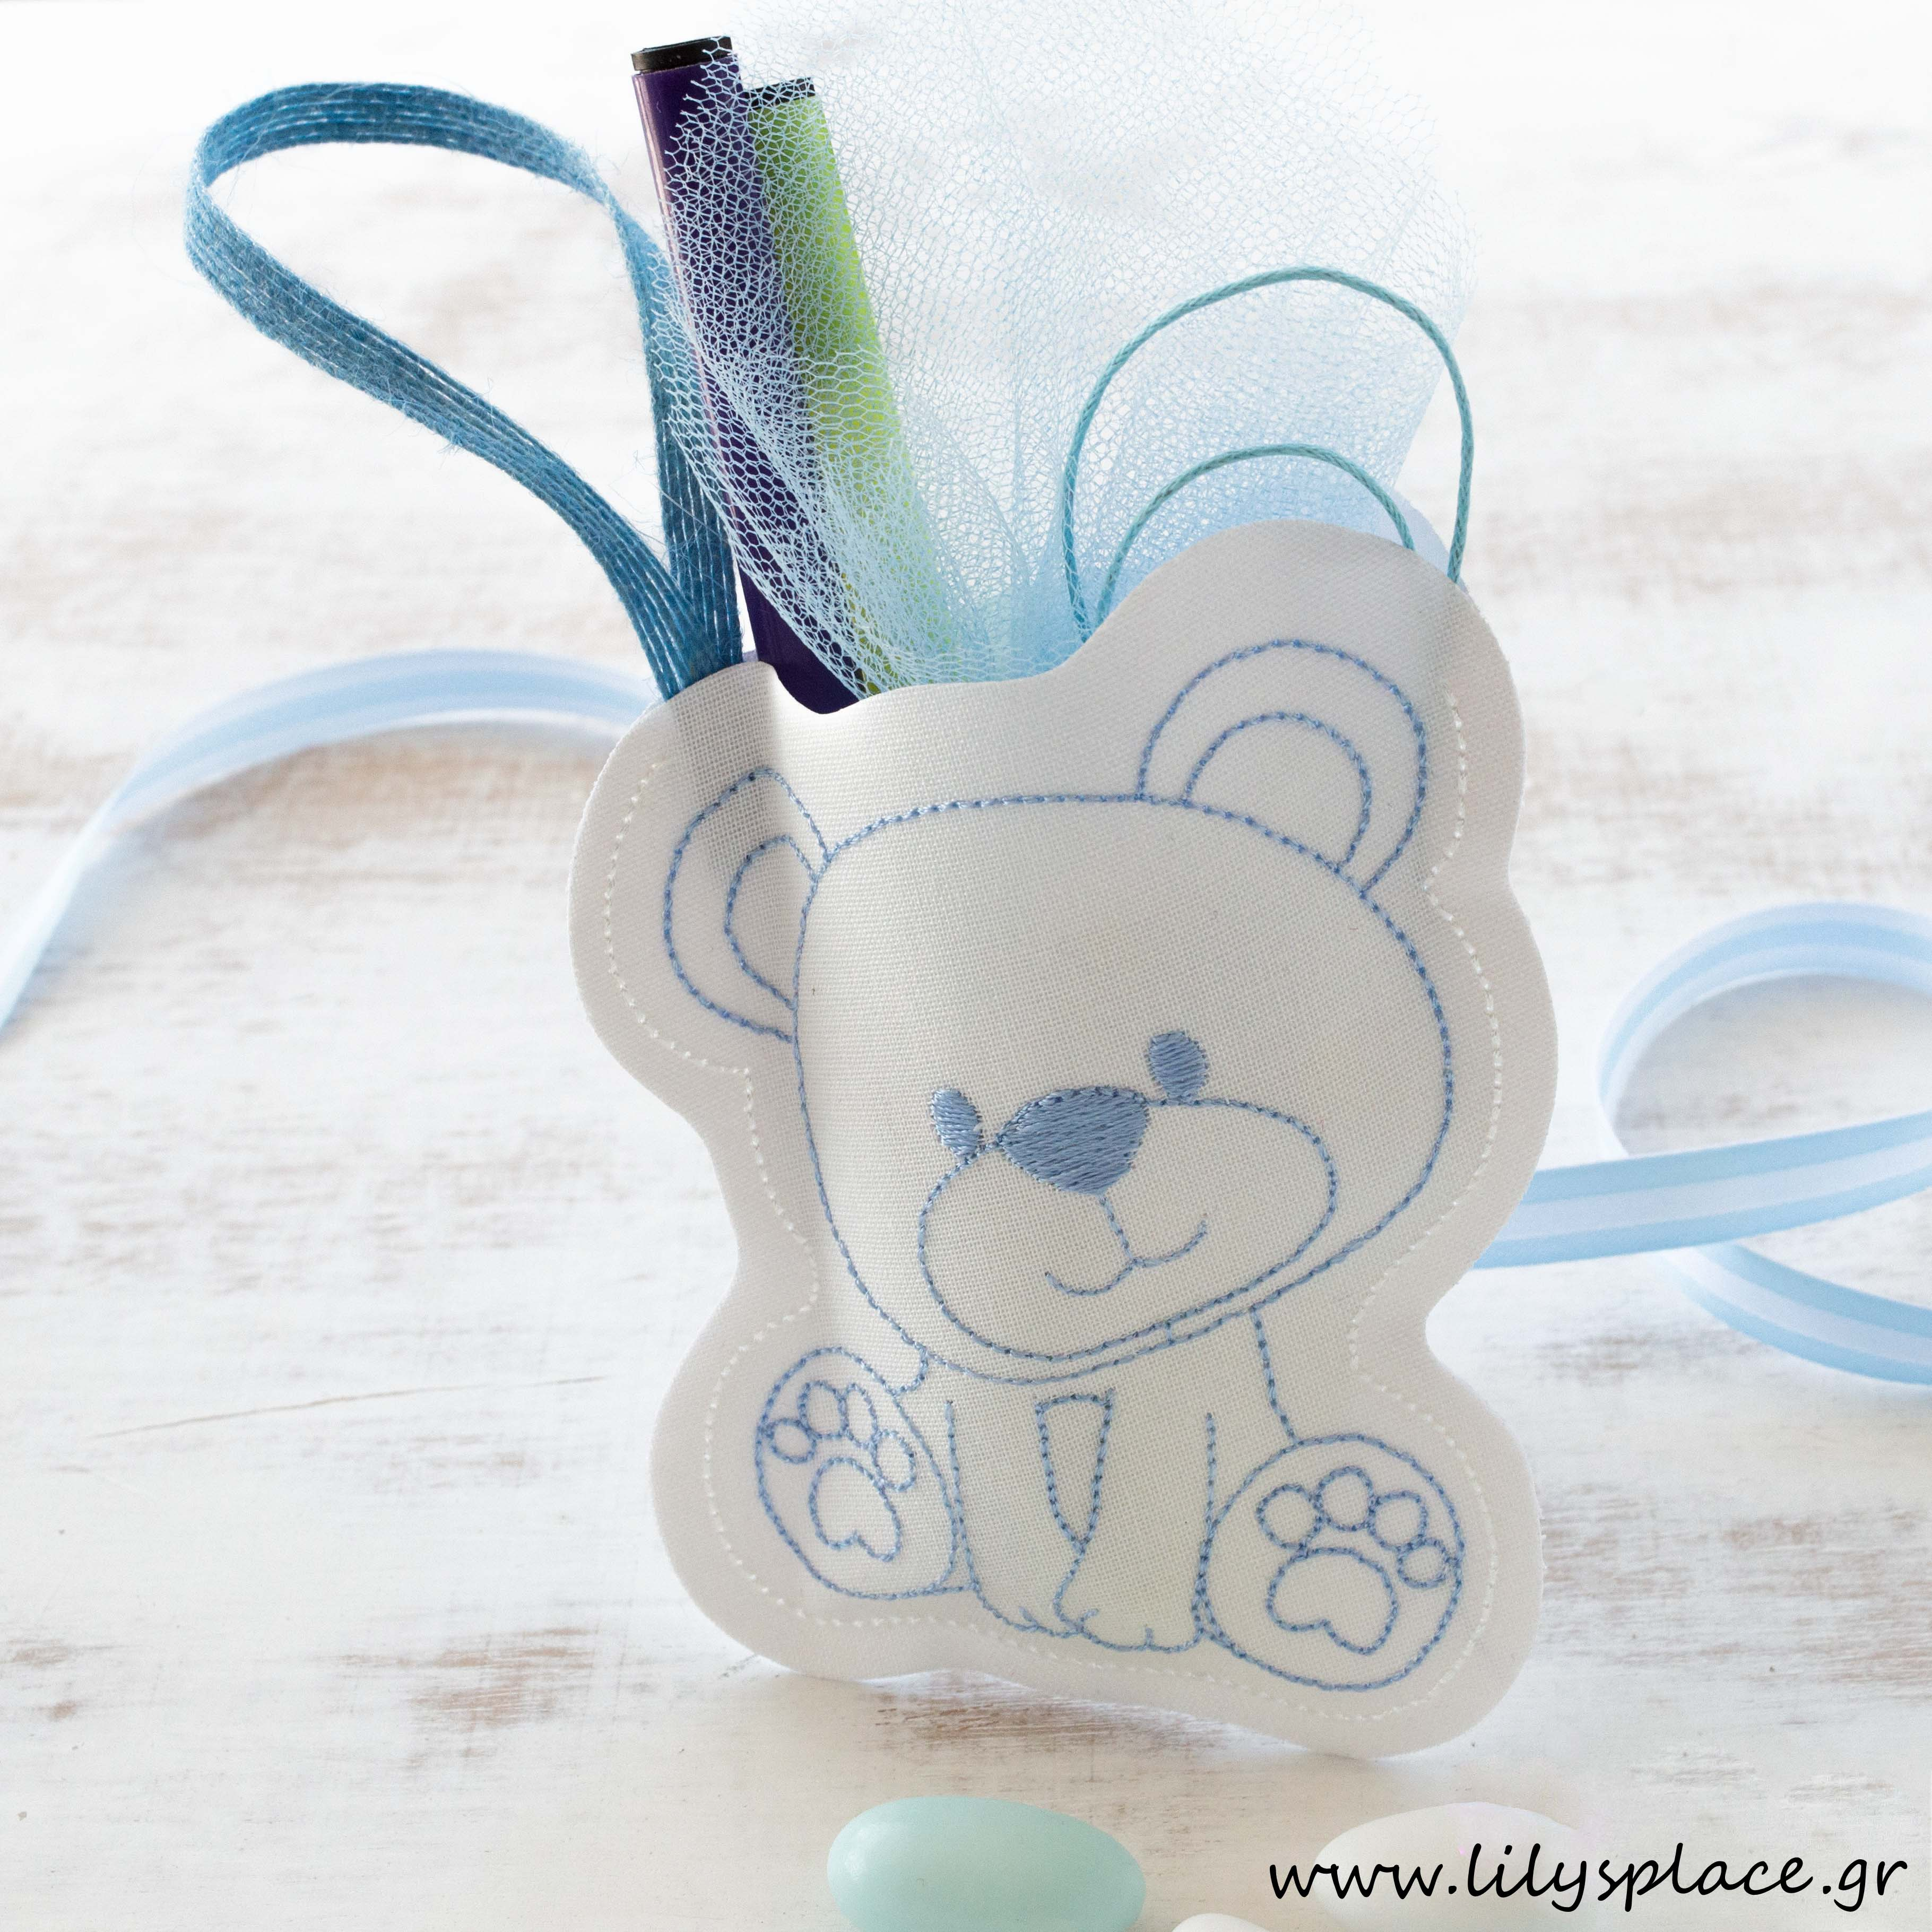 Μπομπονιέρα βάπτισης αρκουδάκι υφασμάτινο